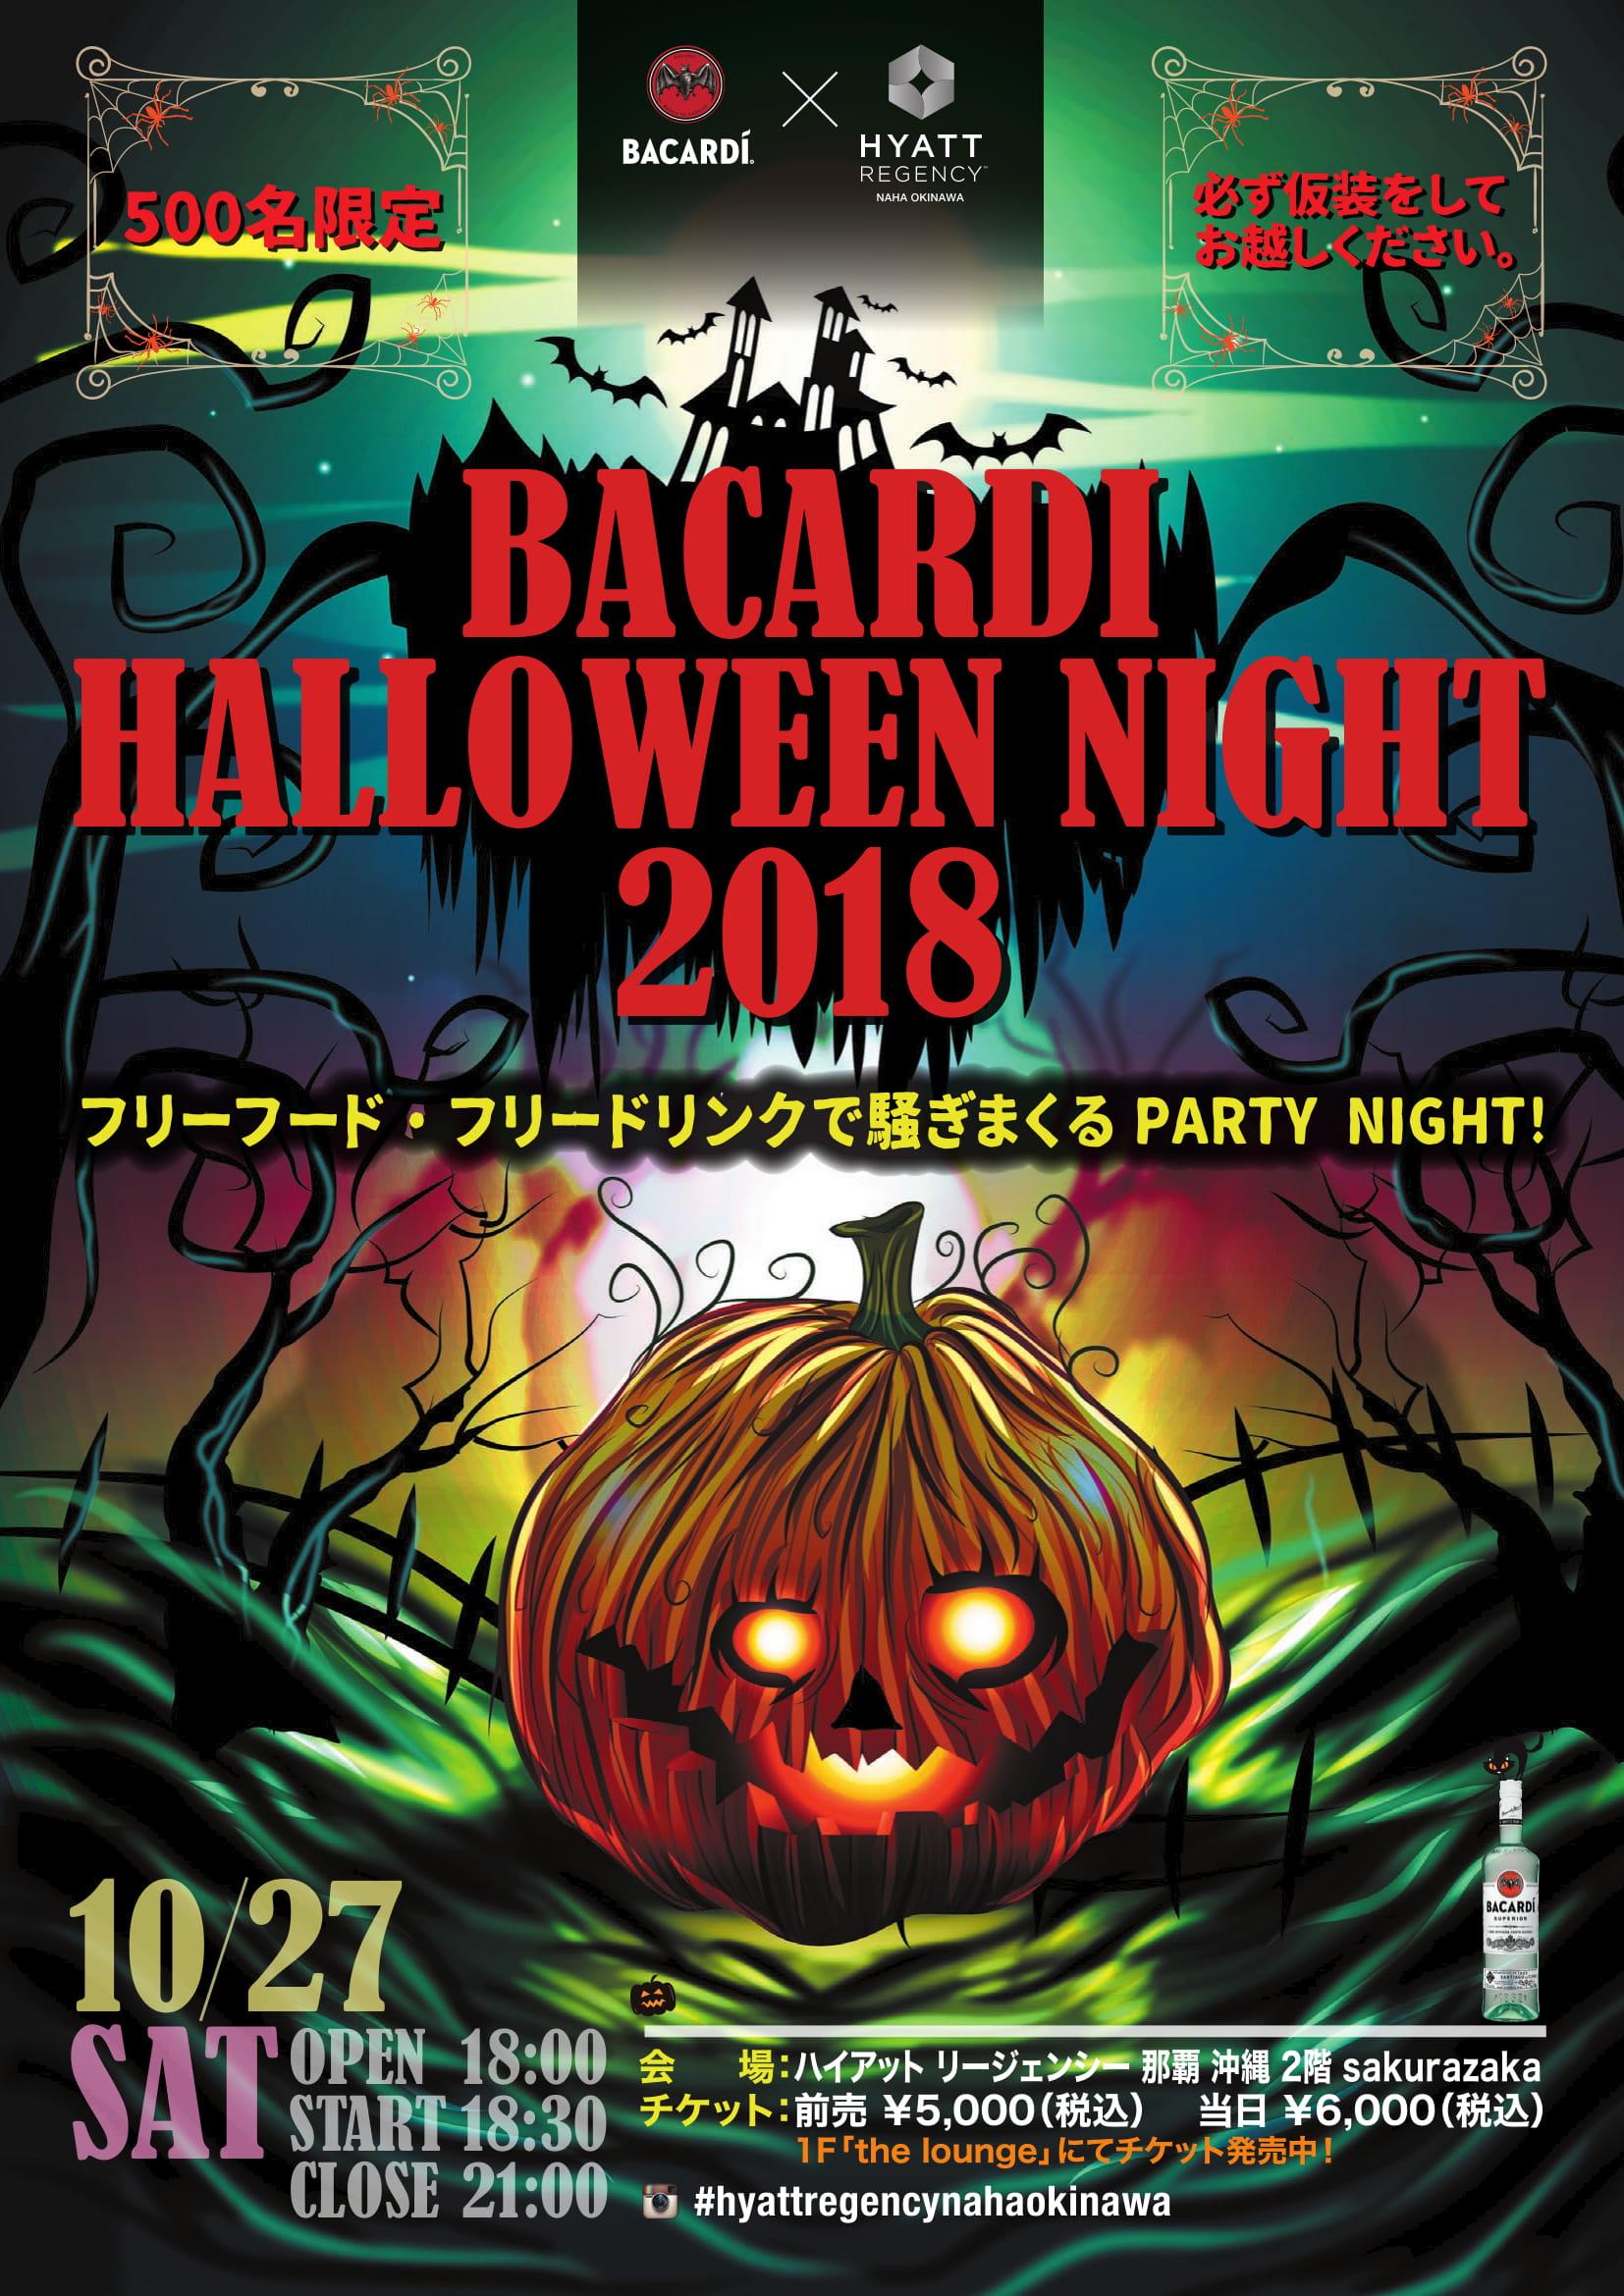 【最終版】Halloweenフライヤー-1